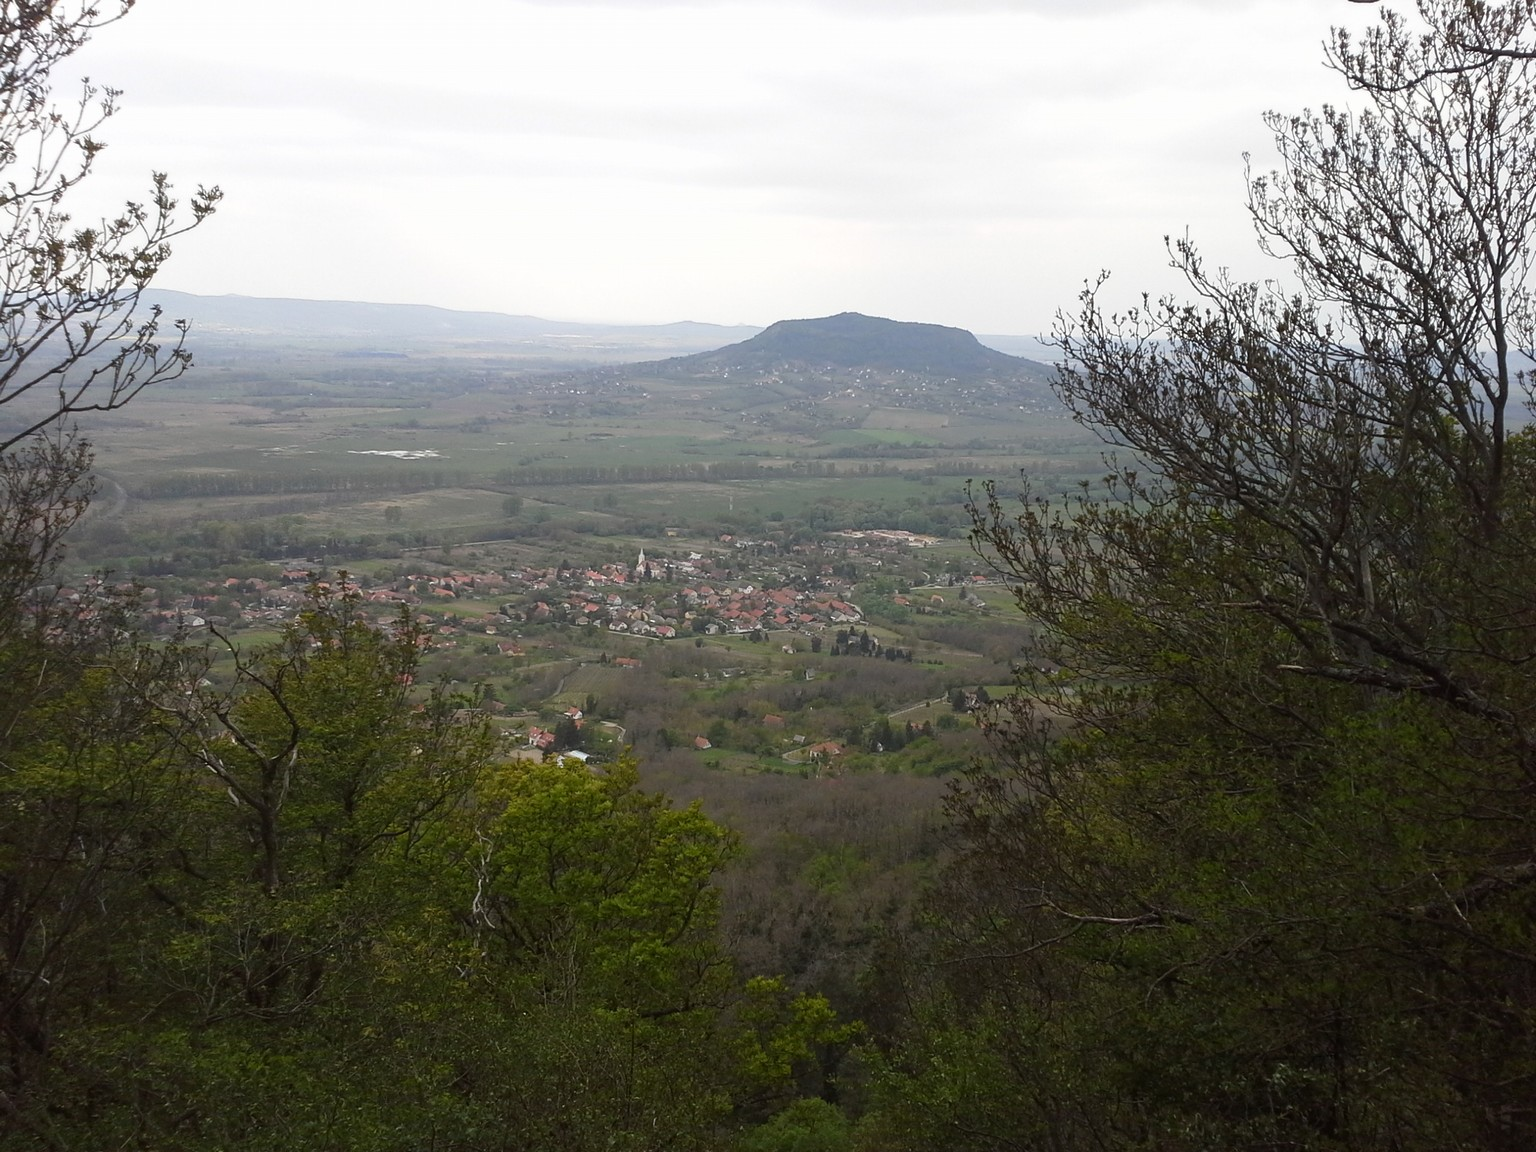 Kilátás a Szent György hegyre és Badacsonytördemicre tördemici kilátóból. Jól látszik a Szent Mihály templom is.